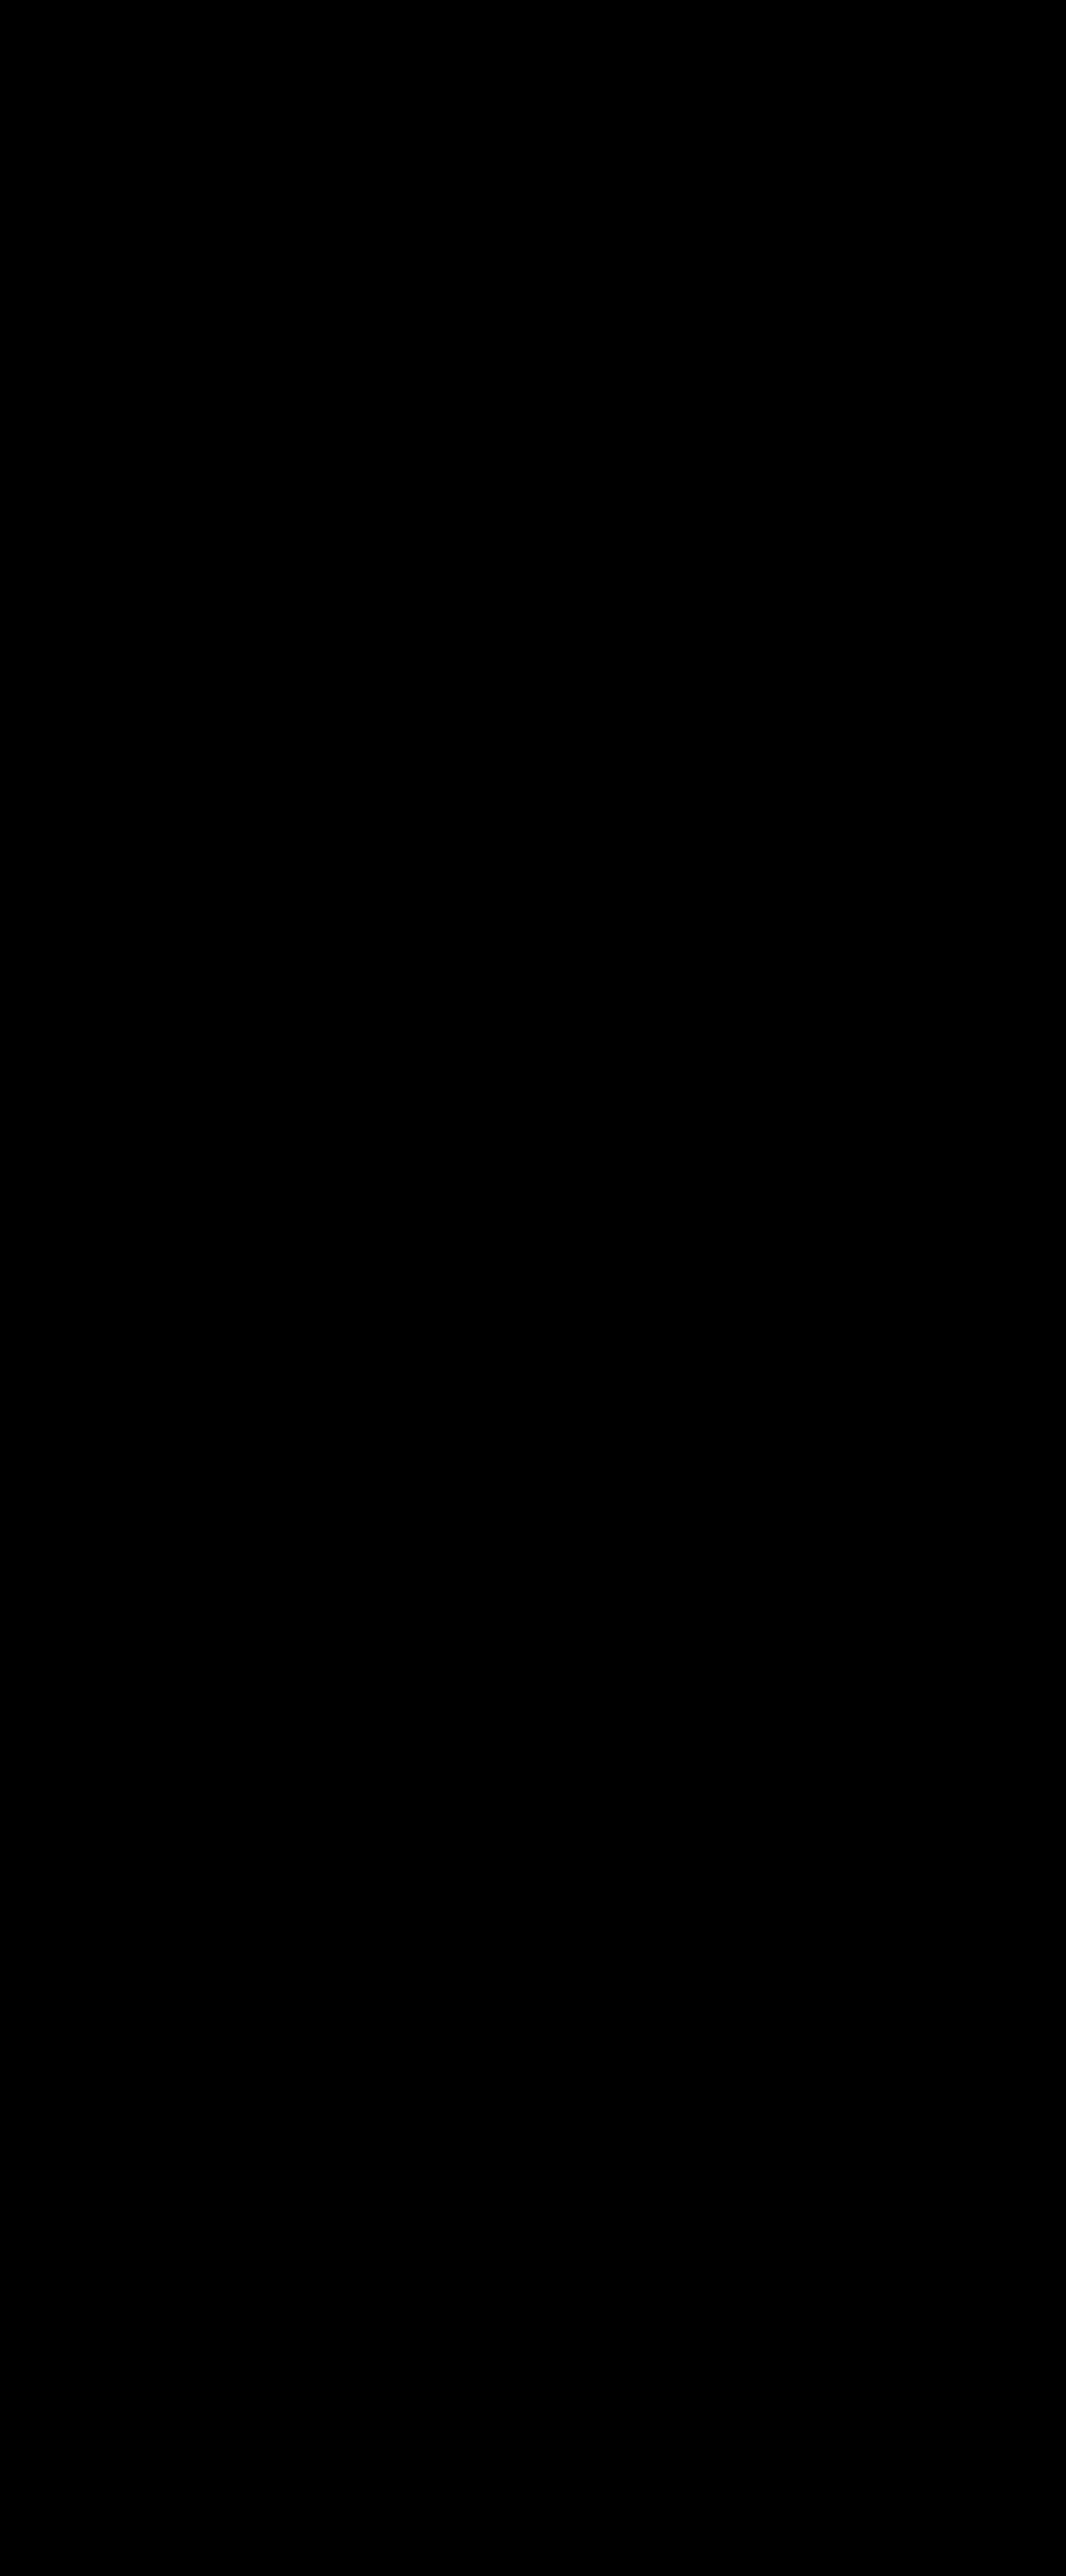 Das Bild zeigt ein Ausstellungsbanner mit Briefauszügen von Christa Wolf